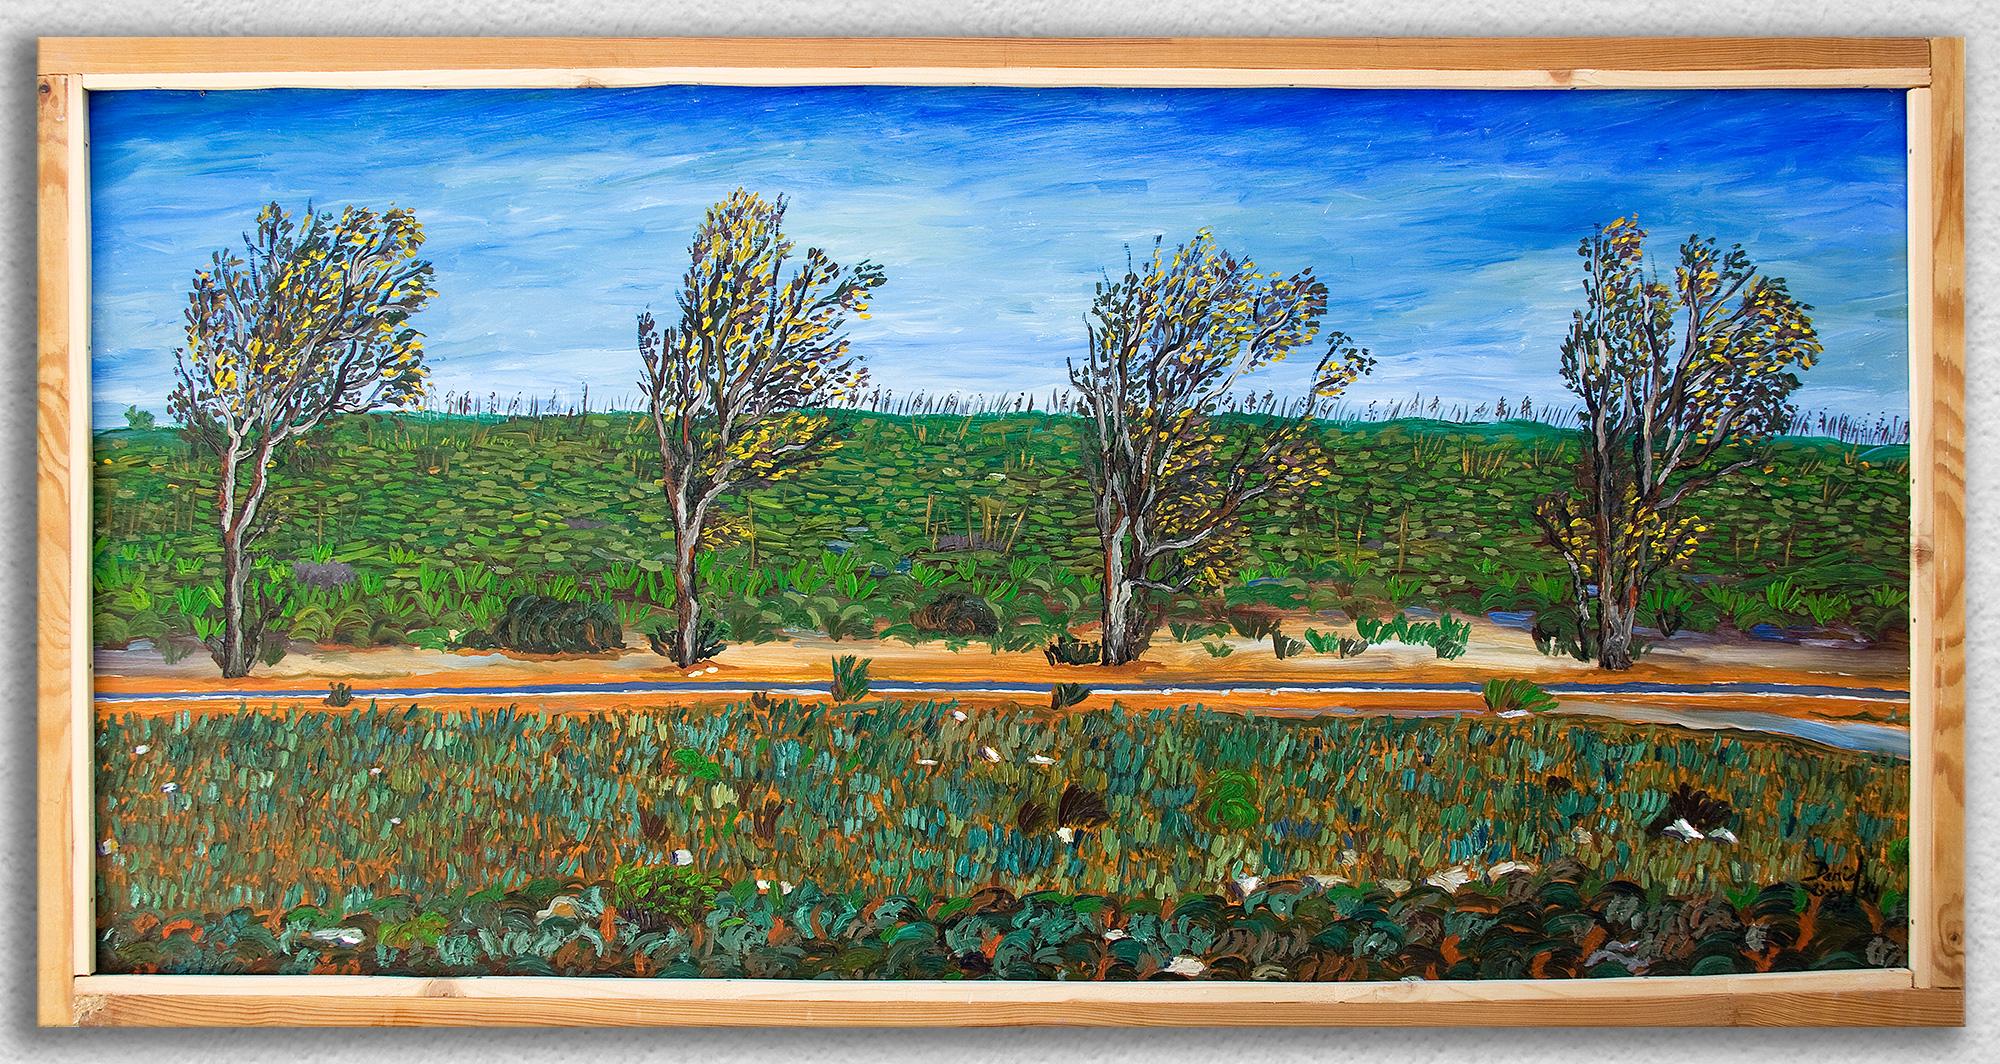 Cuatro eucaliptos con carretera